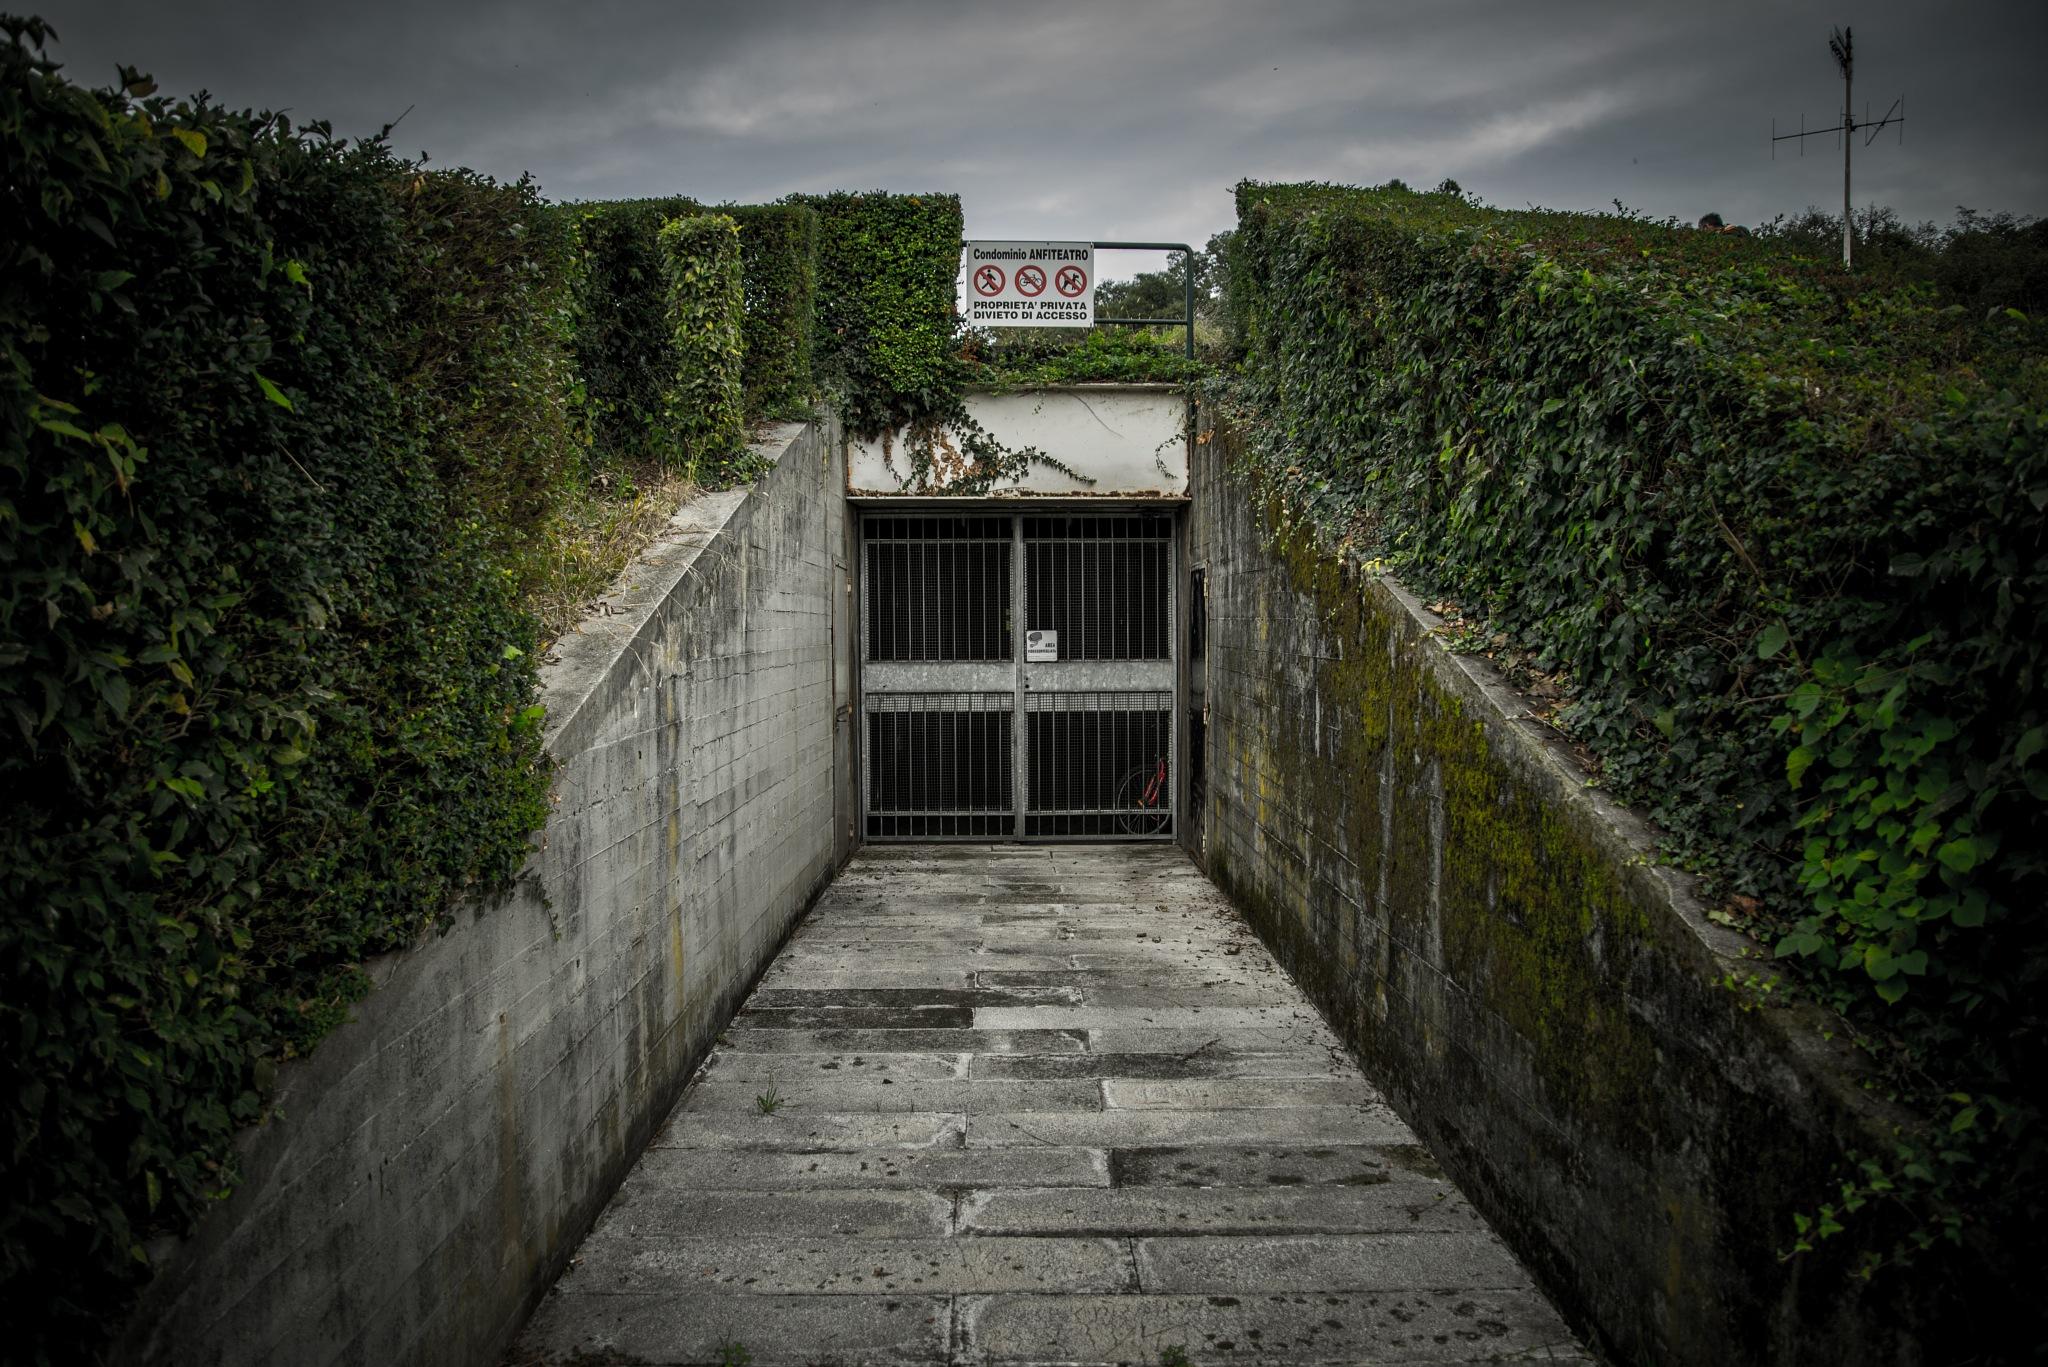 Creepy Entrance by Michele Masoero